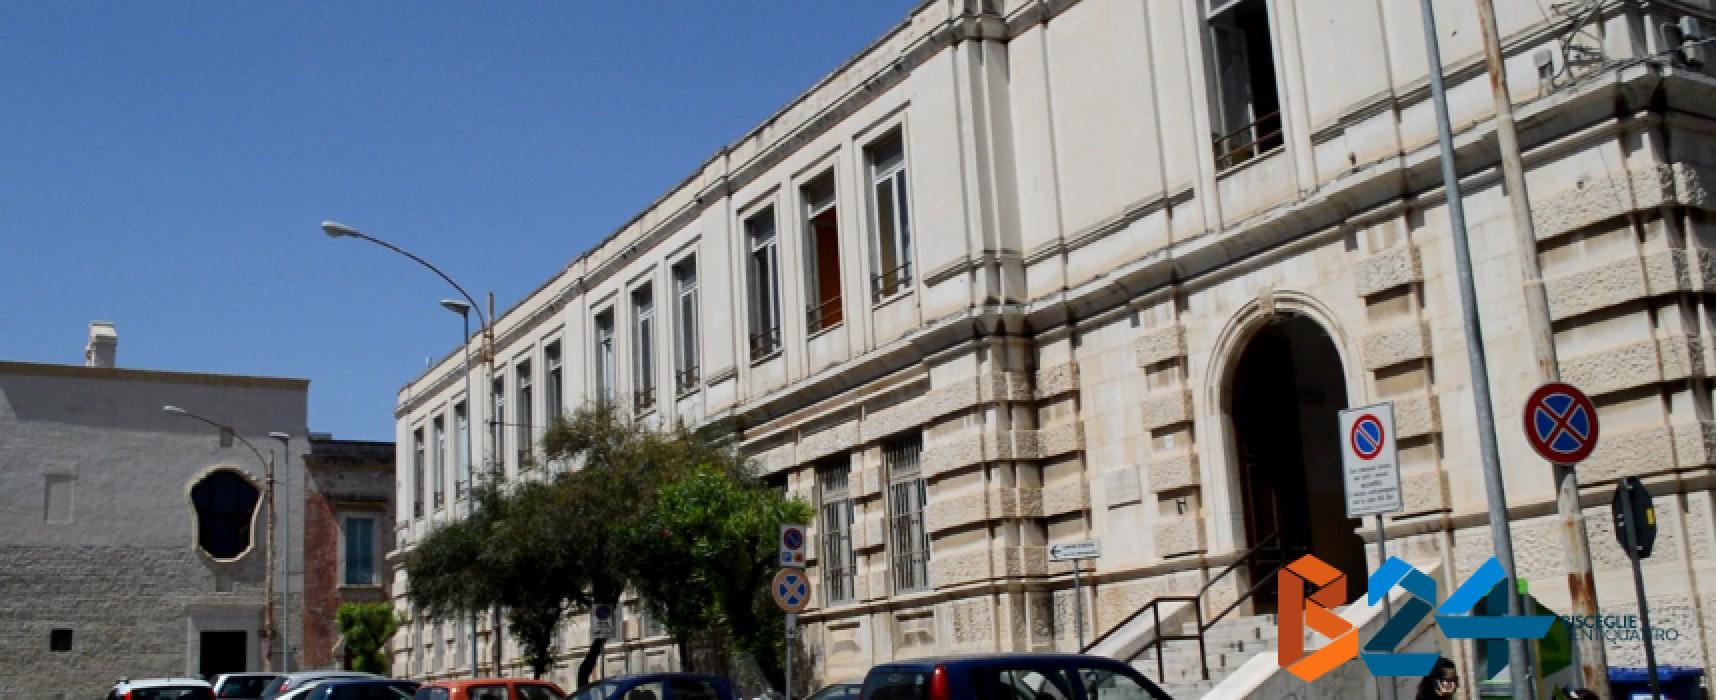 Il comune di Bisceglie favorevole ad ospitare i tirocinanti dell'Università di Bari